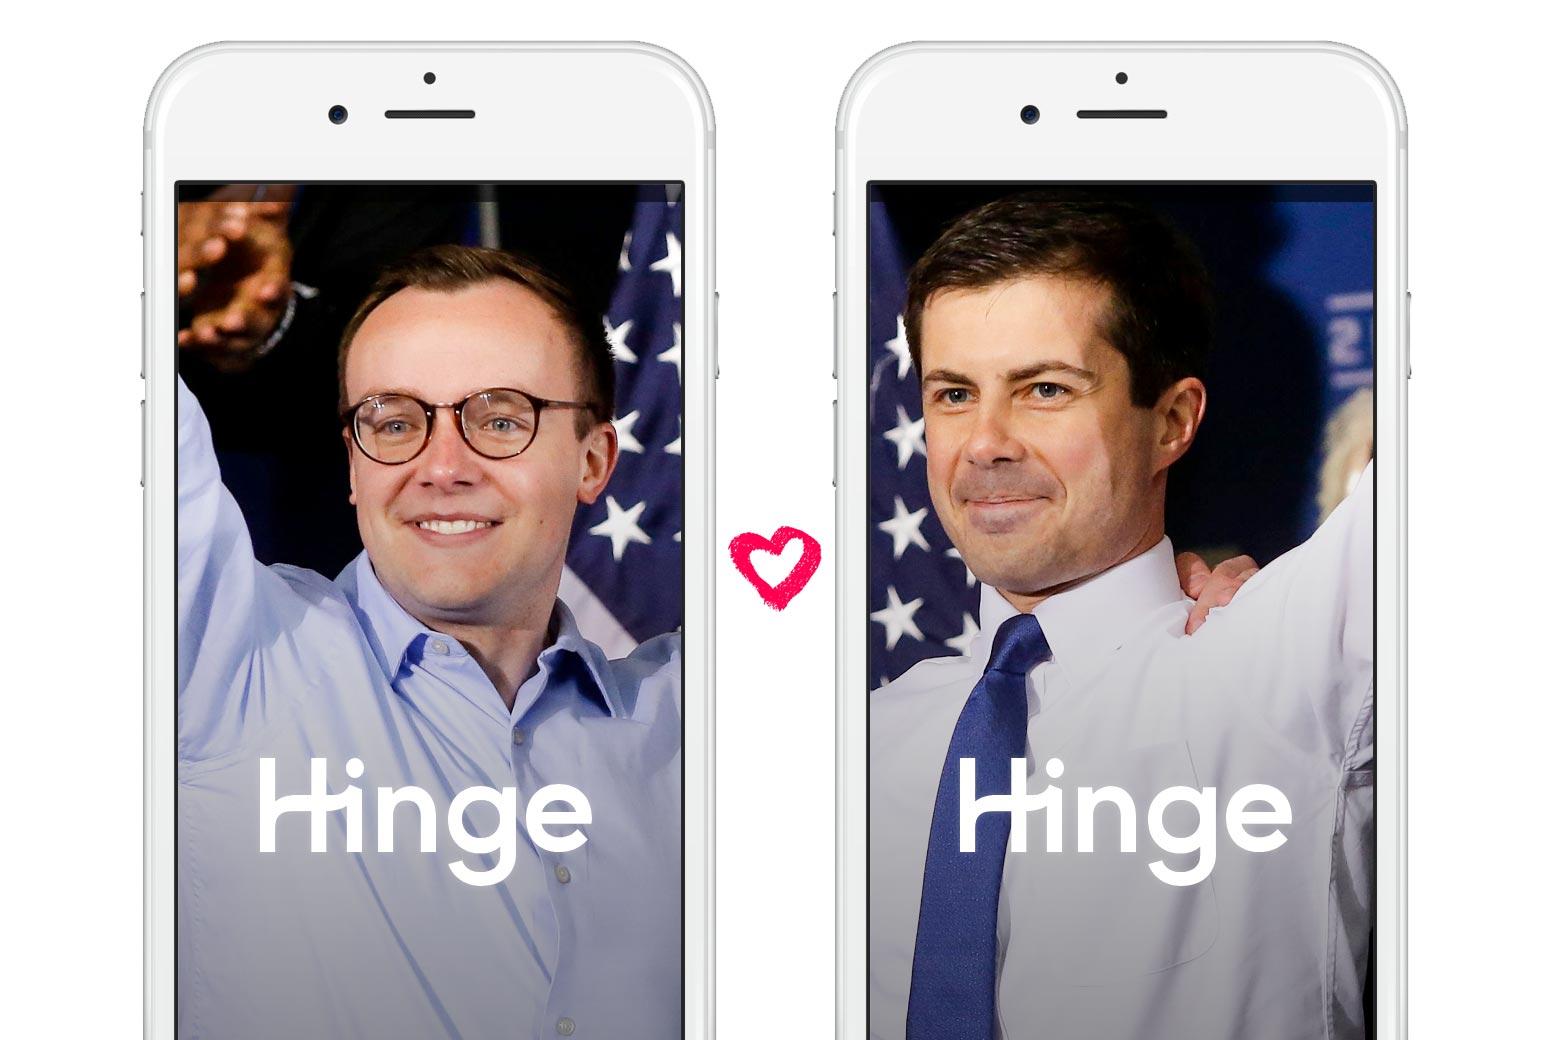 γρήγορη εύκολη δωρεάν online dating